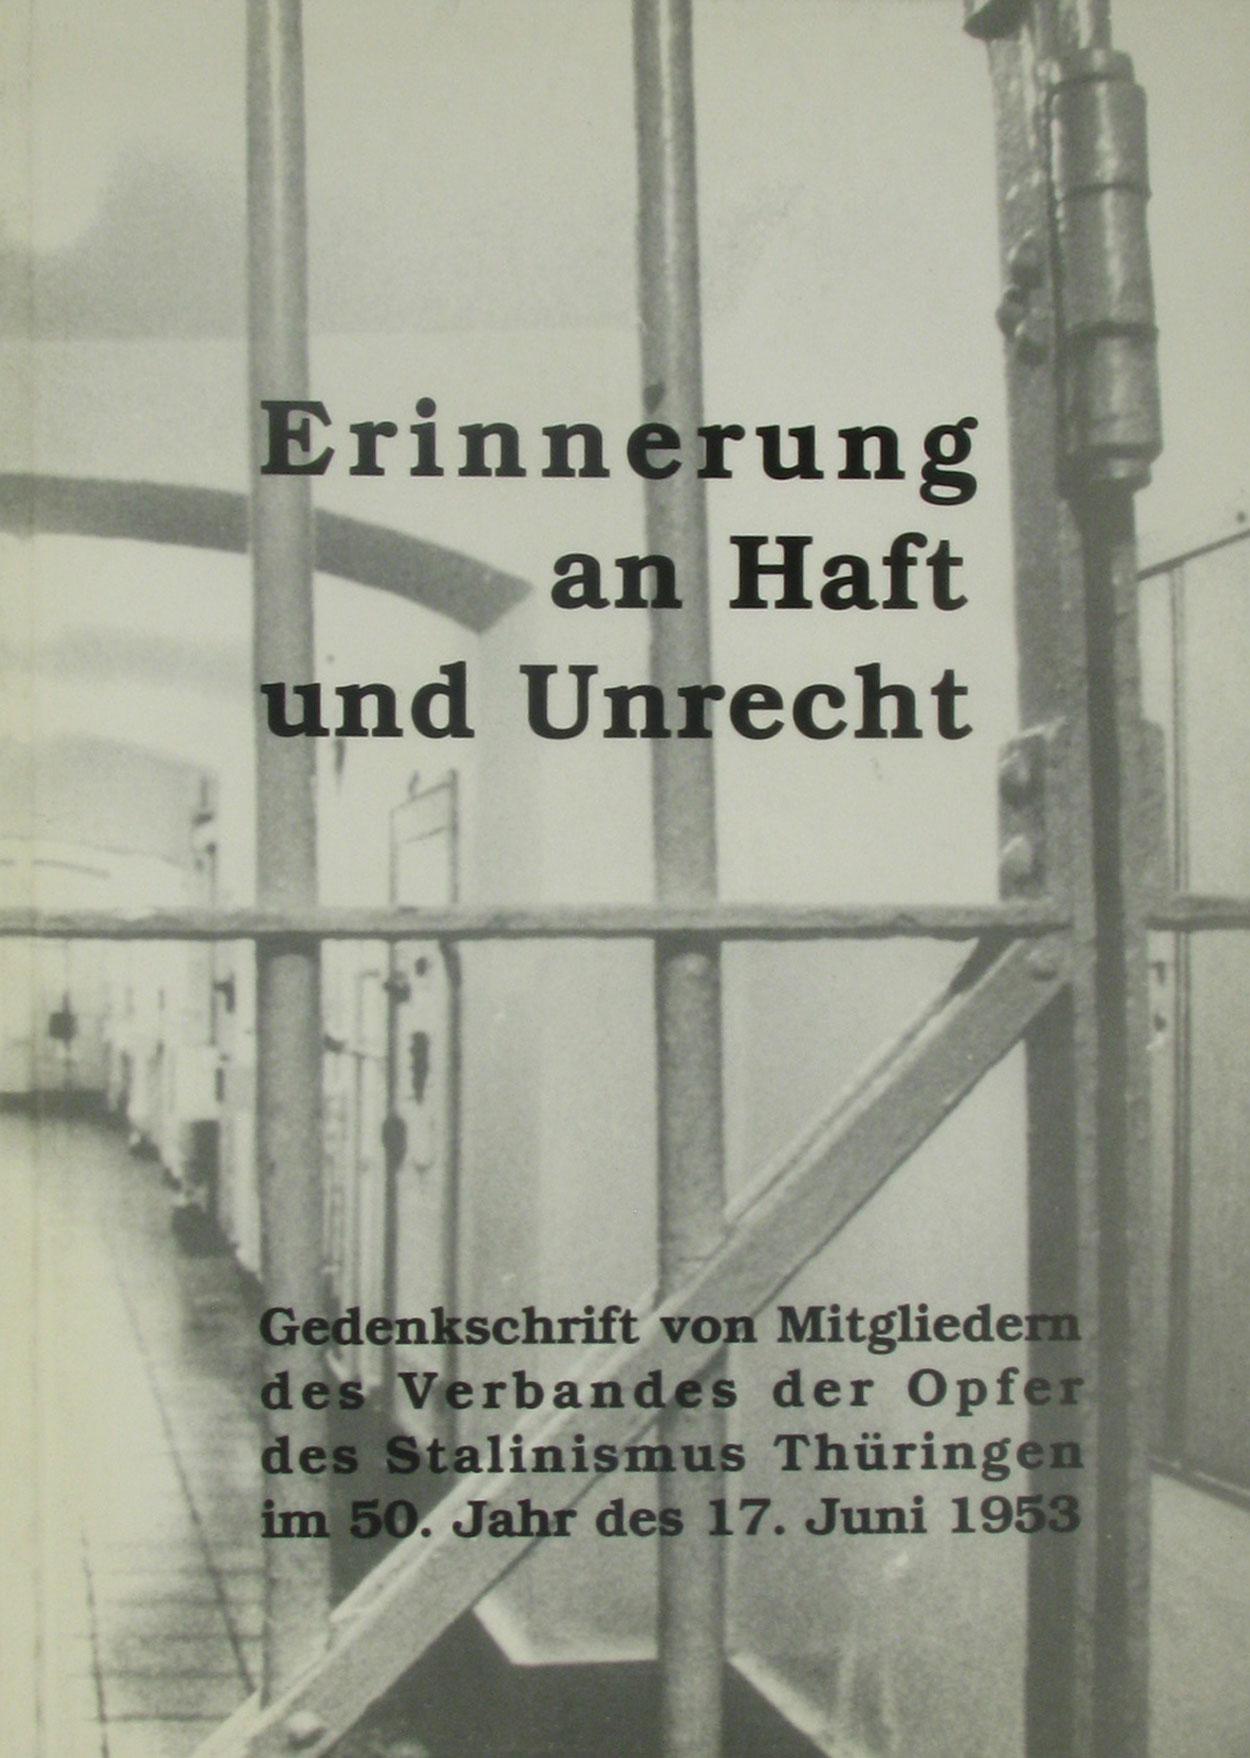 Erinnerung an Haft und Unrecht - Düsterdick, Gerhard (Zusammenstellung)